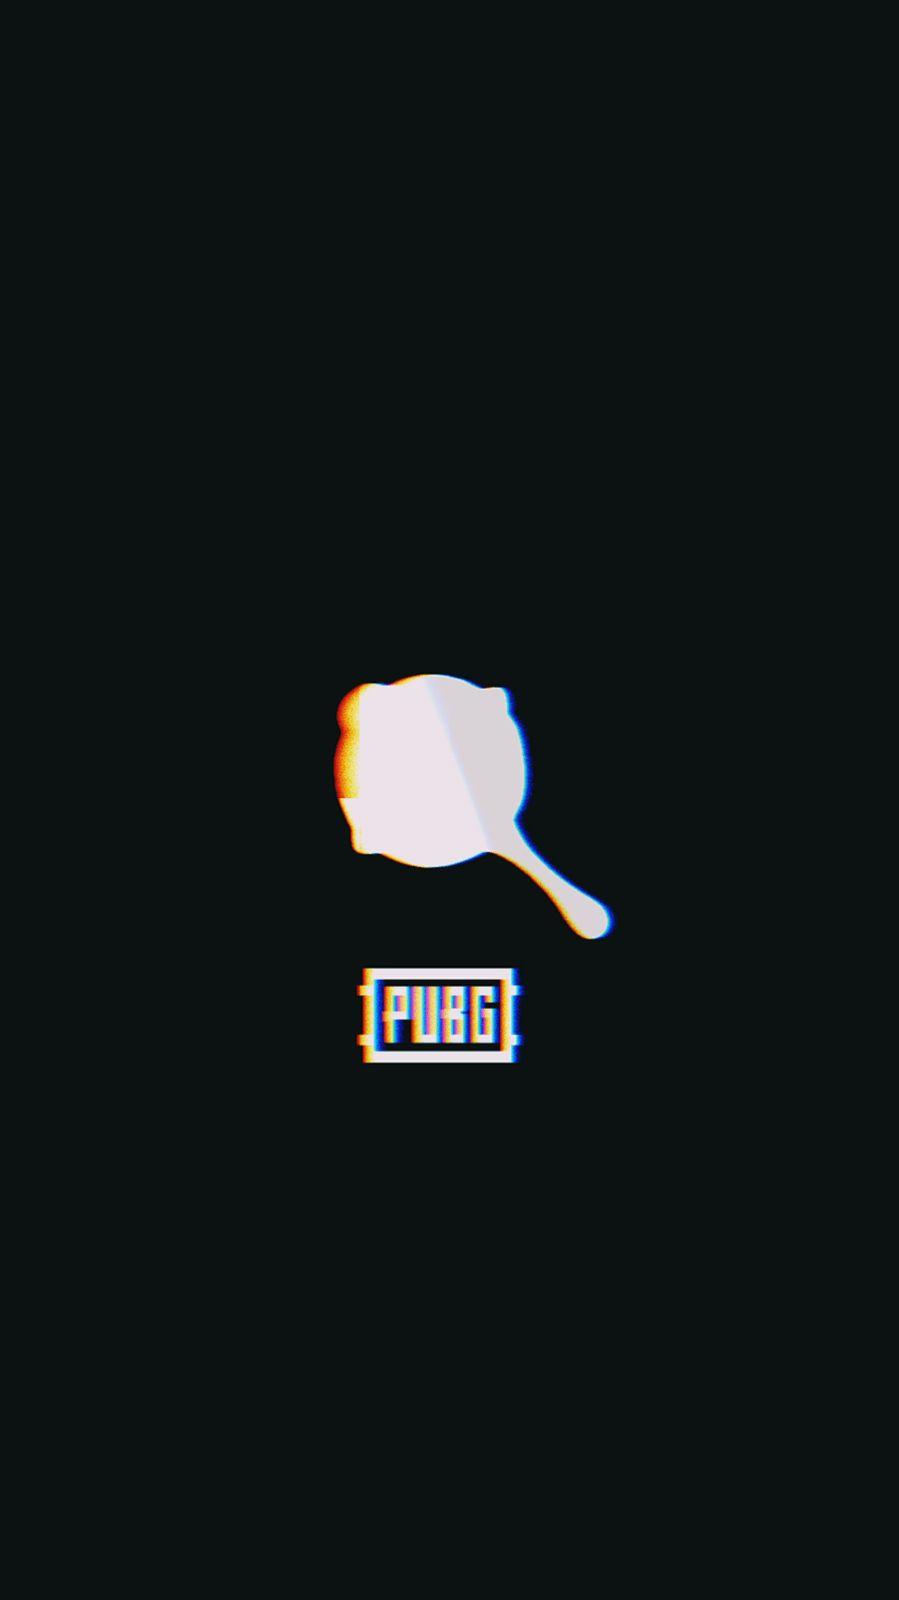 PUBG Pan iPhone Wallpaper